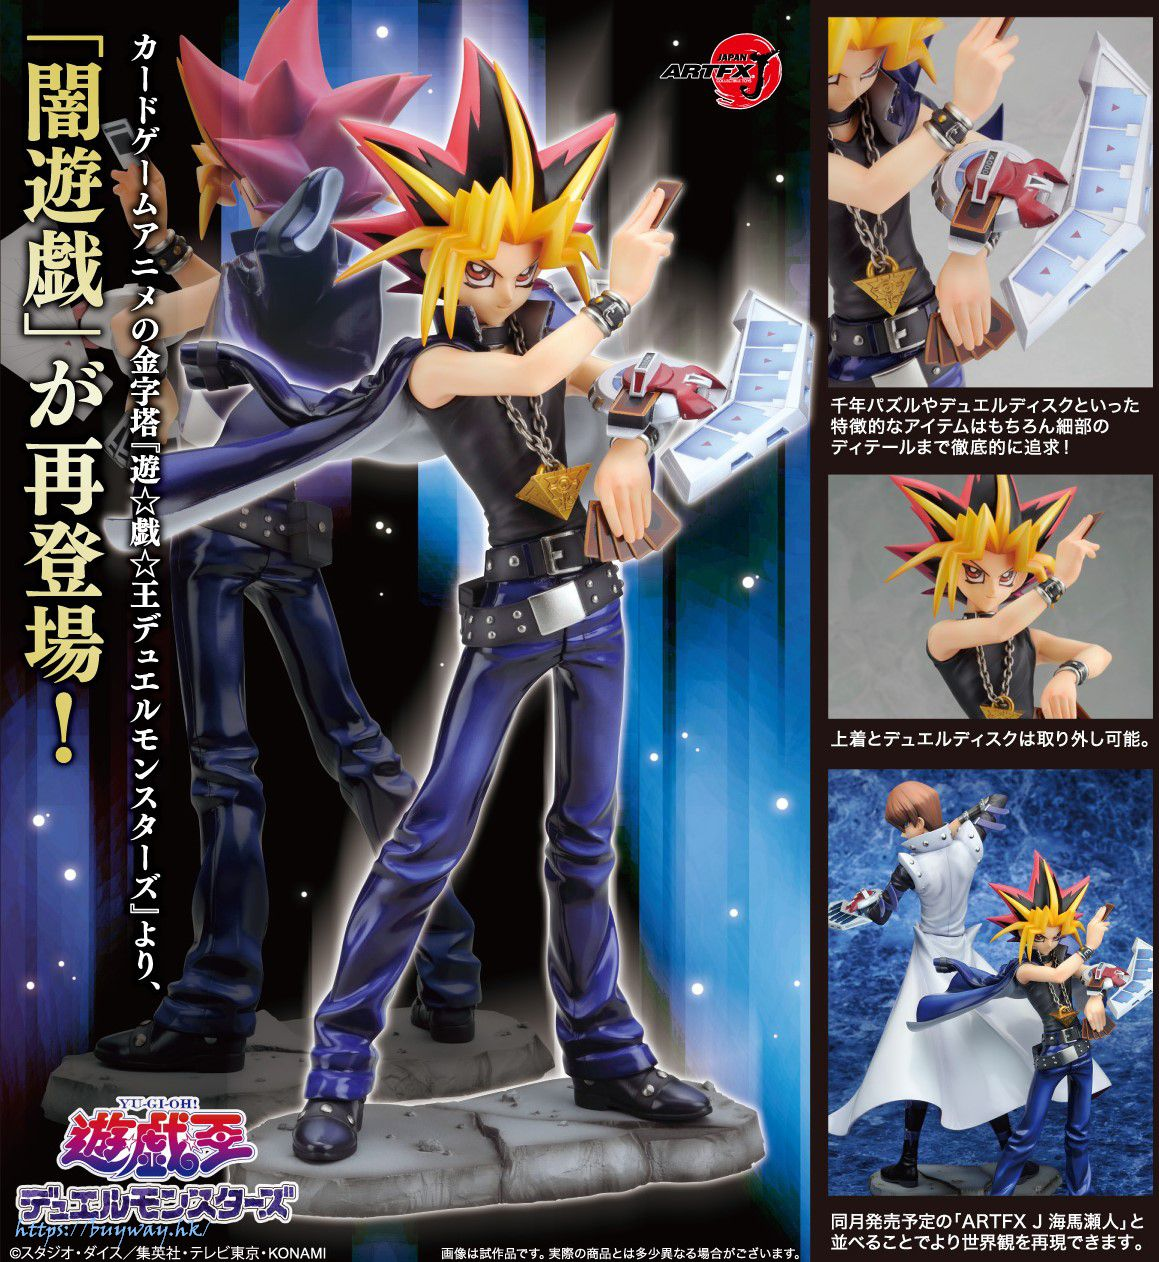 遊戲王 ARTFX J 1/7「闇遊戲」 ARTFX J 1/7 Yami Yugi【Yu-Gi-Oh!】